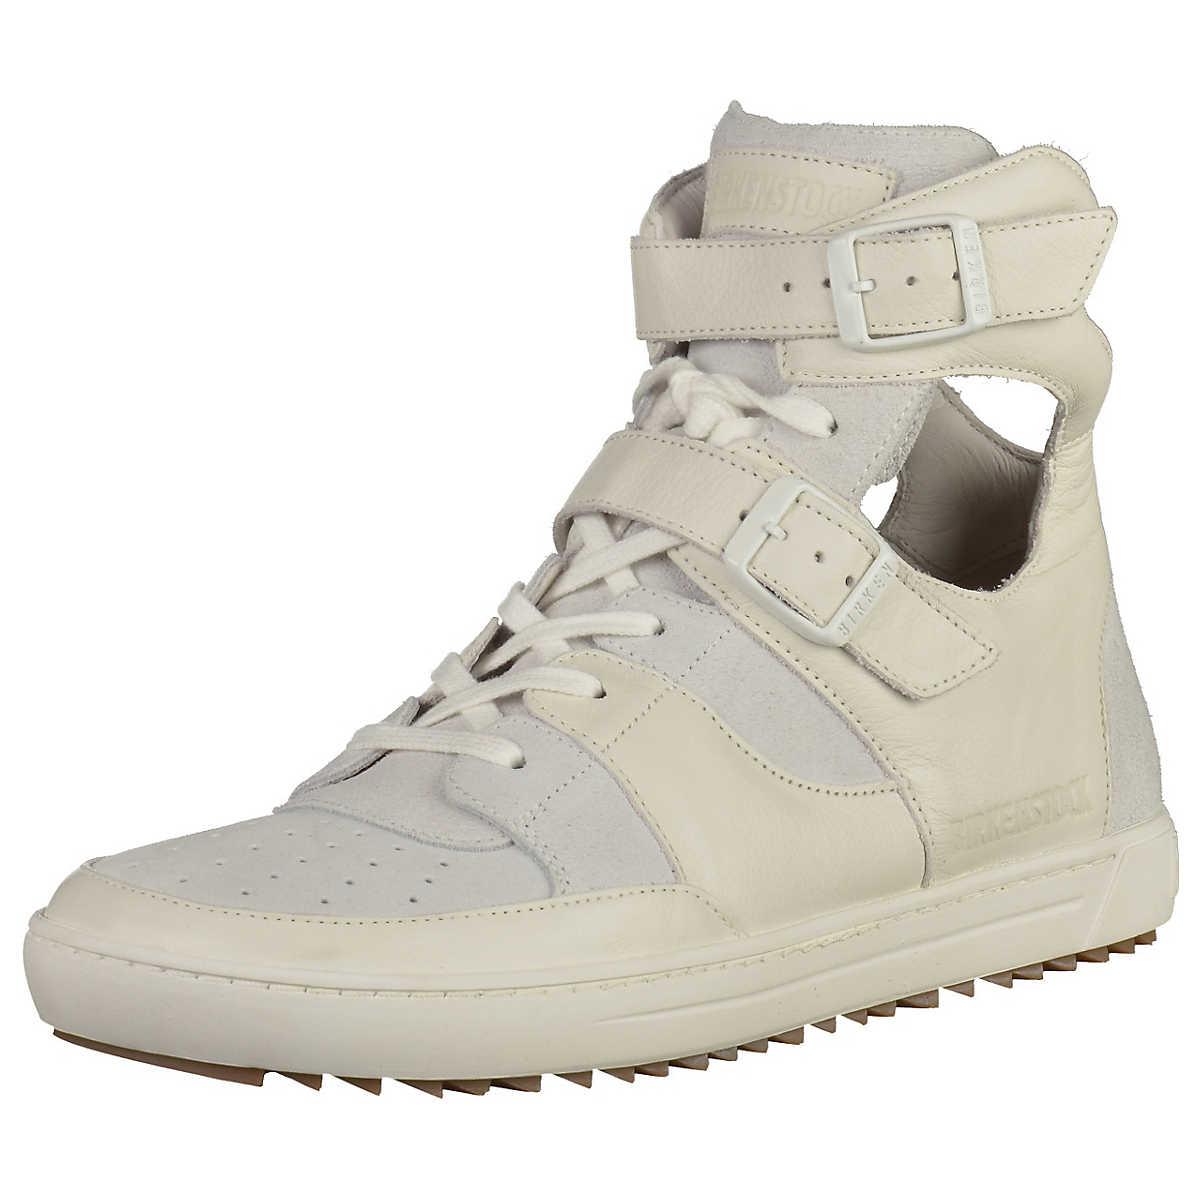 BIRKENSTOCK Sneakers weiÃ?Â? - BIRKENSTOCK - Sneakers - Schuhe - mirapodo.de